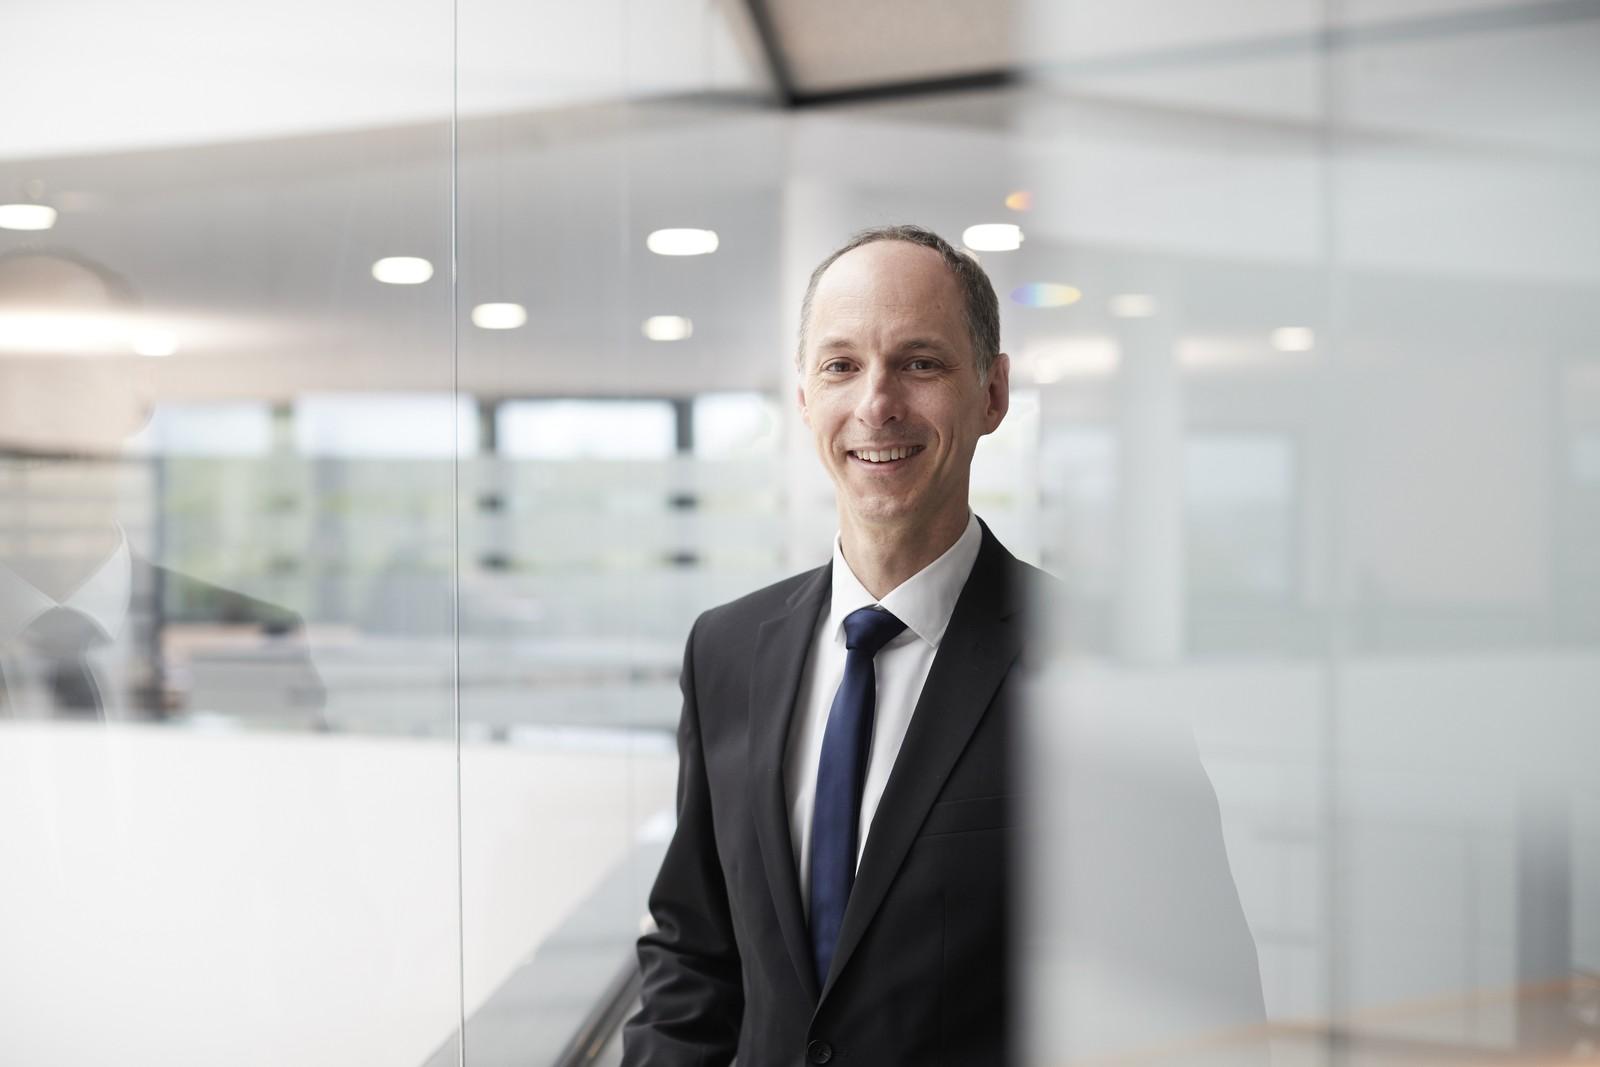 Für den 46-jährigen Dirk Laubengeiger steht als Geschäftsführer der Ortlieb Präzisionssysteme GmbH & Co. KG vor allem die Kommunikation mit Mitarbeitern und Kunden im Vordergrund.